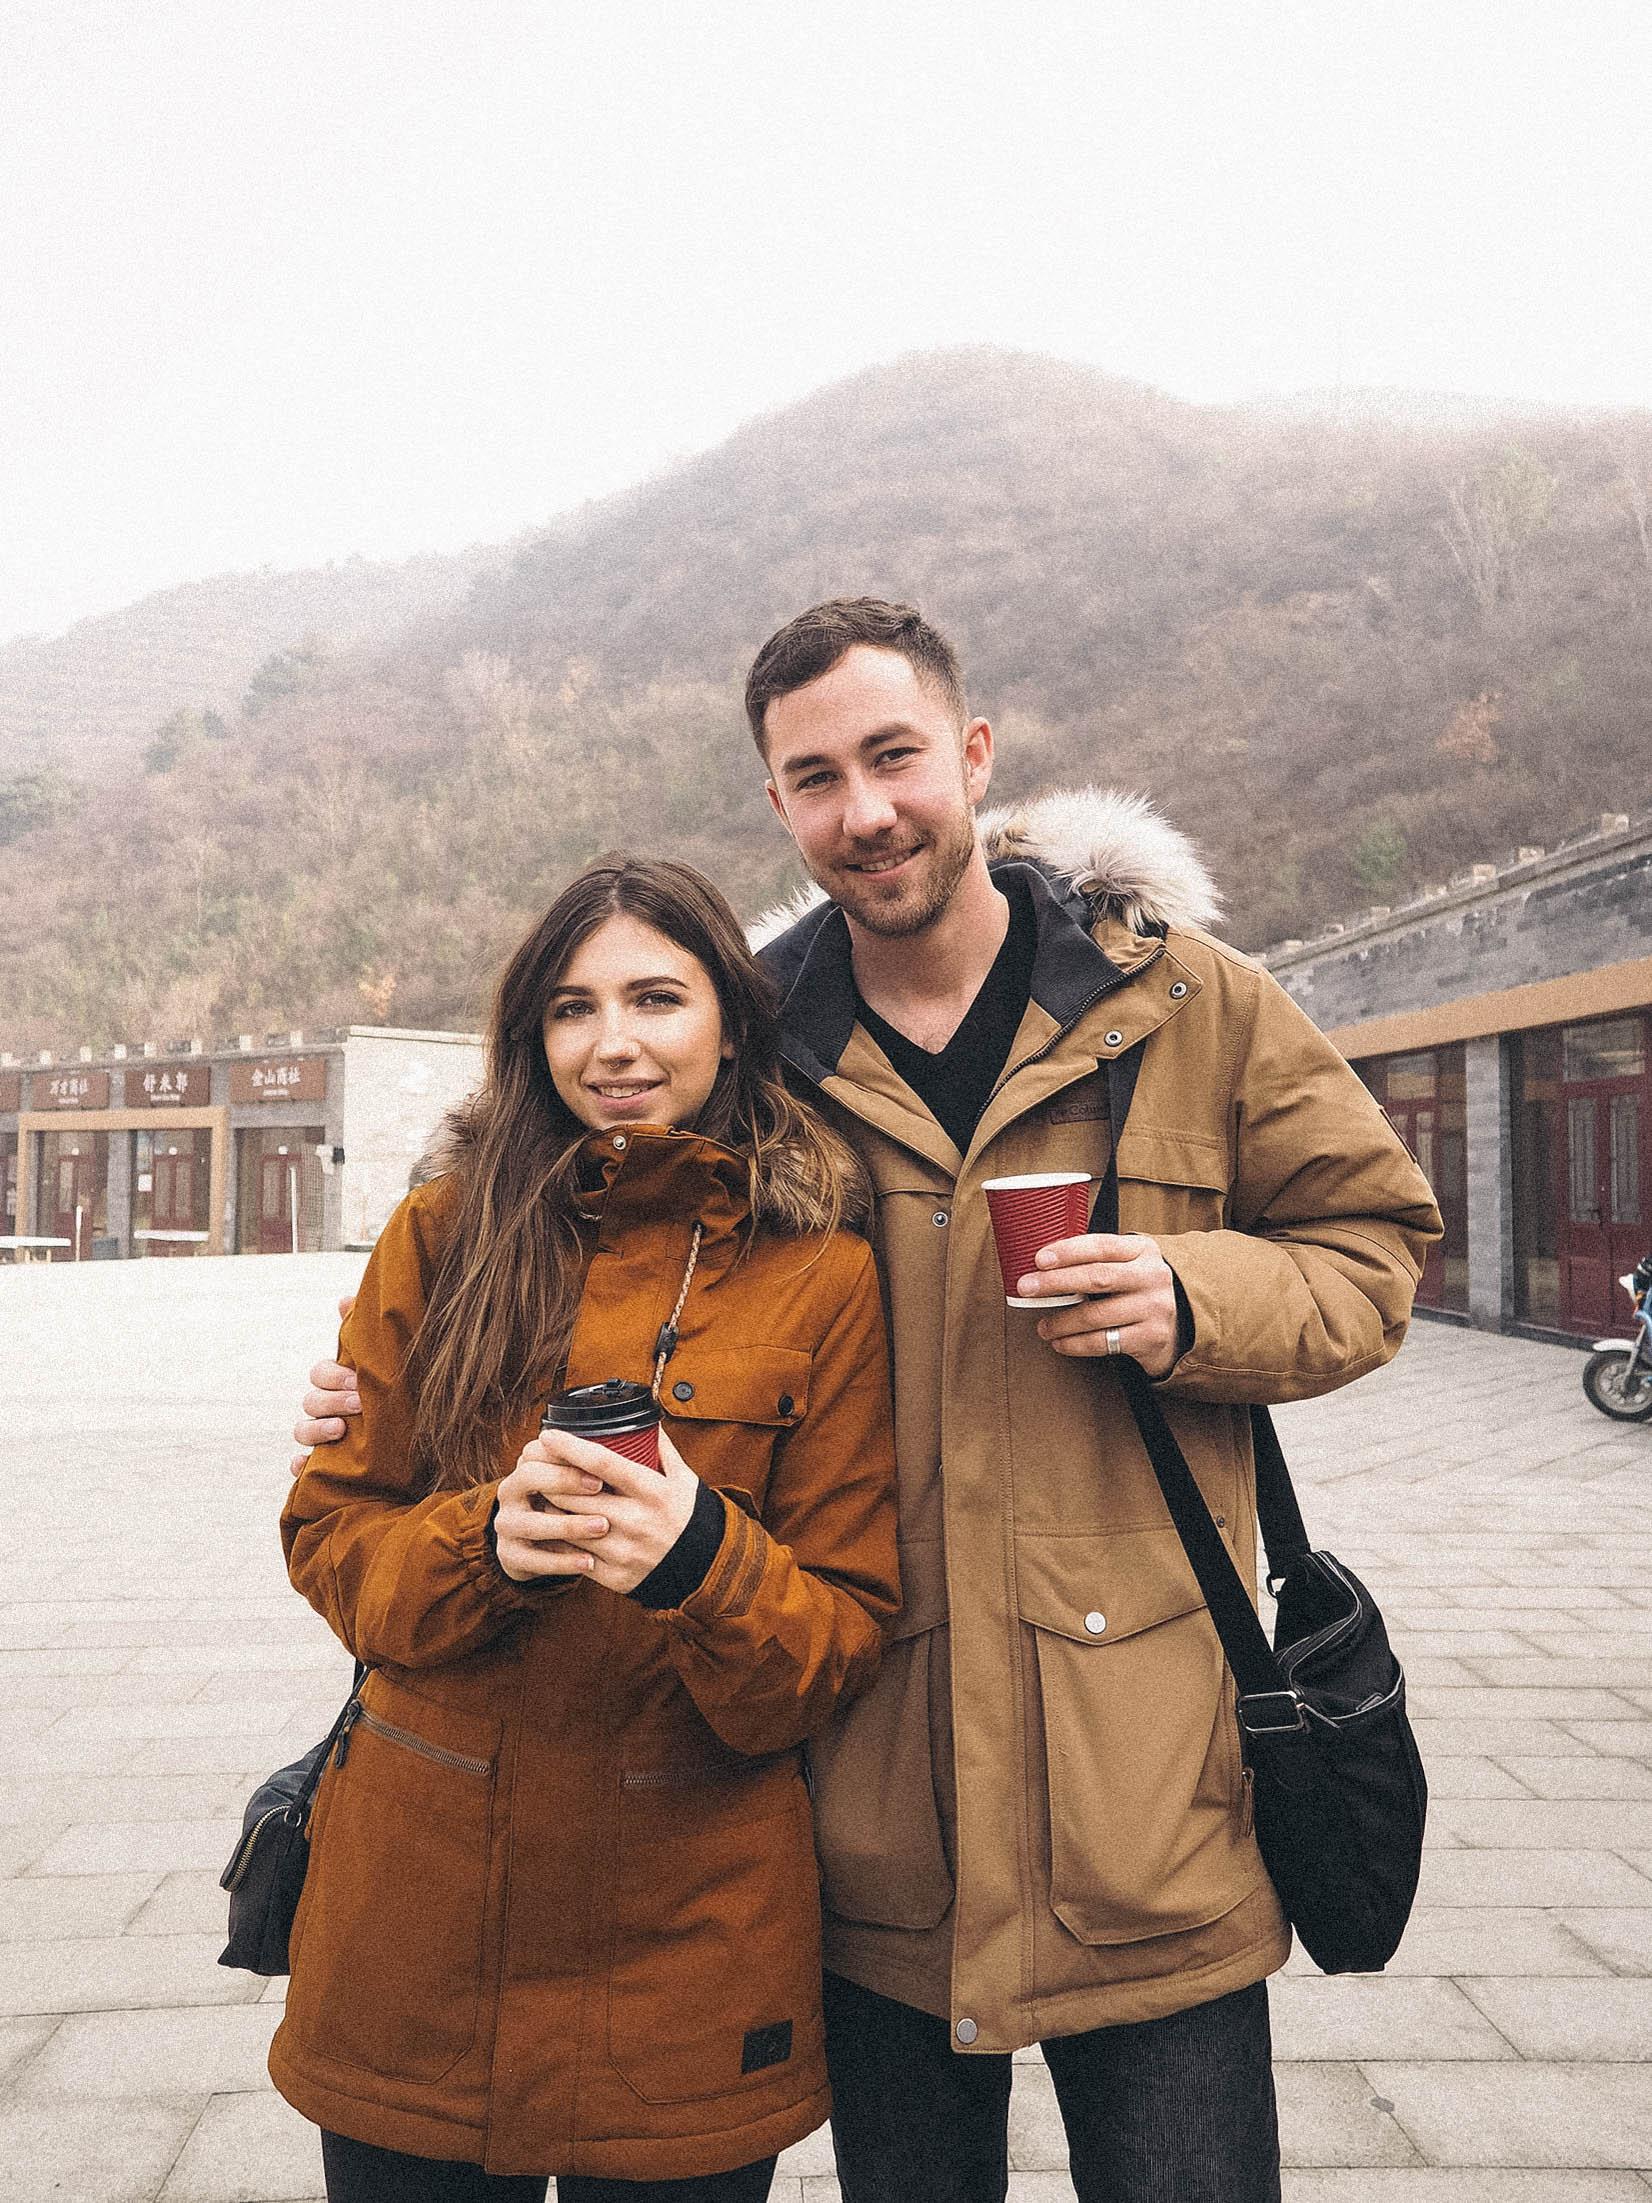 boyfriend Great Wall of china